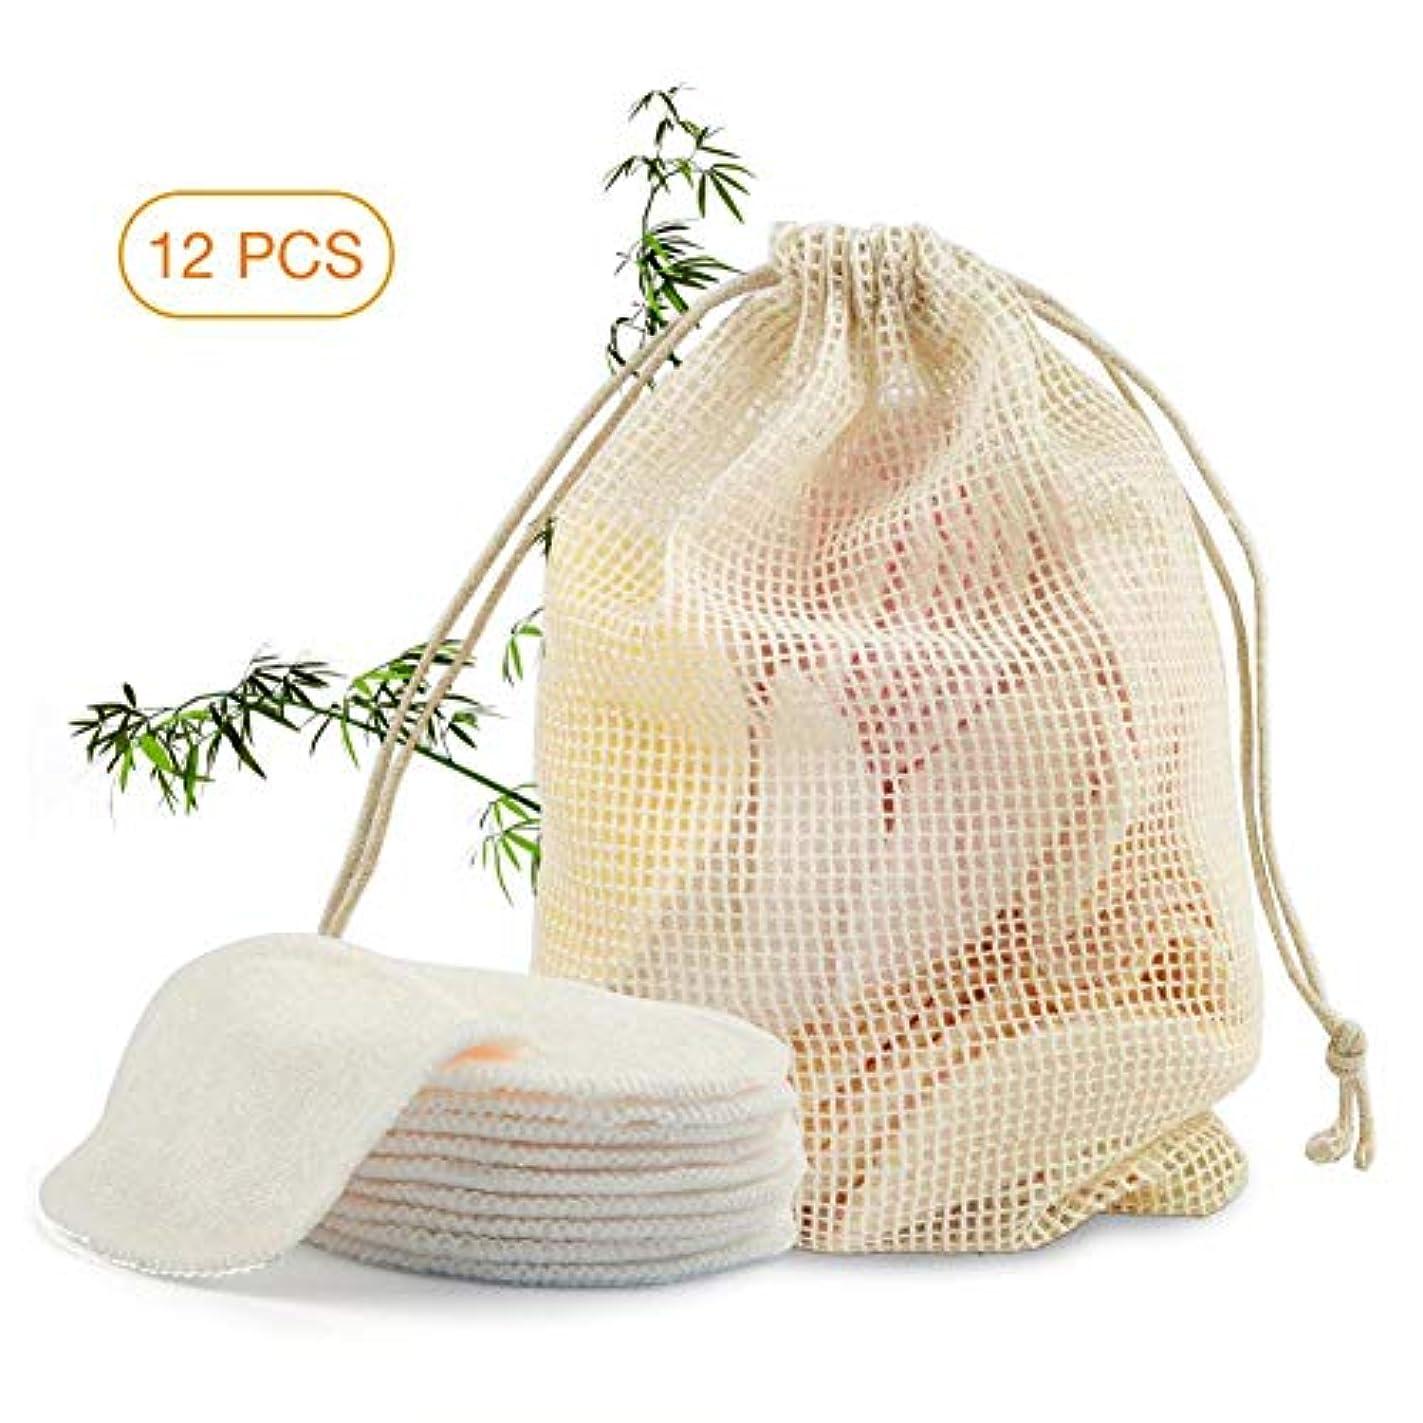 チェスをするほんの交通メイク落としパッド 化粧リムーバーパッド 洗える 化粧コットン 2層 竹繊維 持ち運びが簡単 使いやすい クレンジングシート 8cm